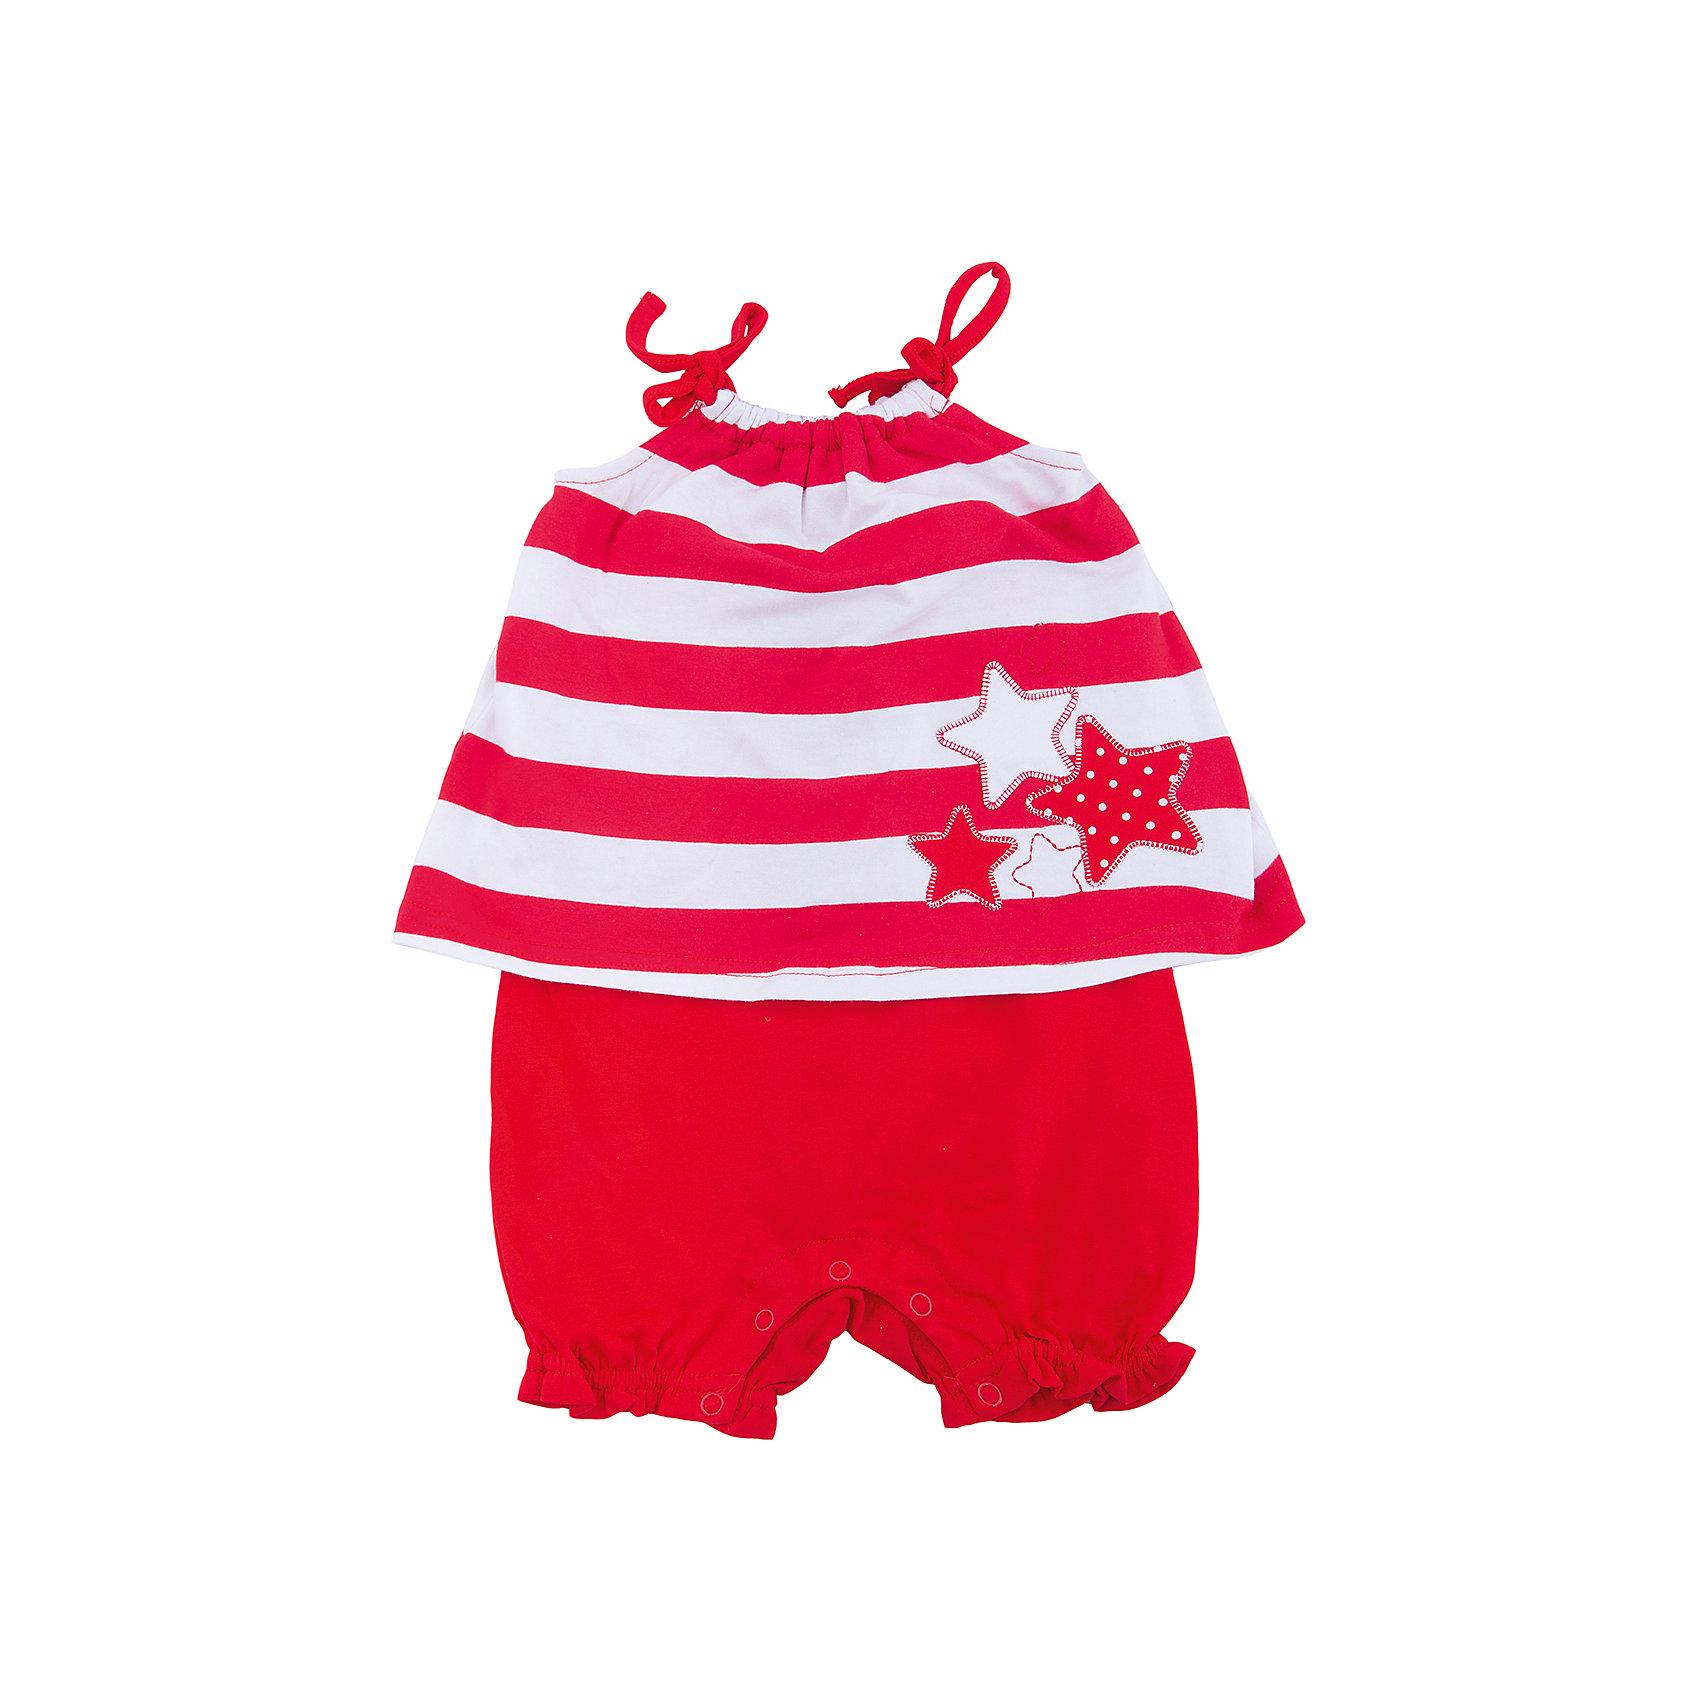 Комбинезон для девочки PlayTodayКомбинезоны<br>Комбинезон сможет быть хорошим дополнением летнего гардероба ребенка. Модель на тонких бретелях, которые завязываются на аккуратные бантики. Низ шорт декорирован оборками. Аппликация в цветовой гамме изделия является достойным украшением.Преимущества: Натуральный материал приятен к телу и не вызывает раздражений.Свободный крой не сковывает движений ребенка.<br>Состав:<br>95% хлопок, 5% эластан<br><br>Ширина мм: 215<br>Глубина мм: 88<br>Высота мм: 191<br>Вес г: 336<br>Цвет: красный<br>Возраст от месяцев: 6<br>Возраст до месяцев: 9<br>Пол: Женский<br>Возраст: Детский<br>Размер: 74,80,86,92<br>SKU: 5603868